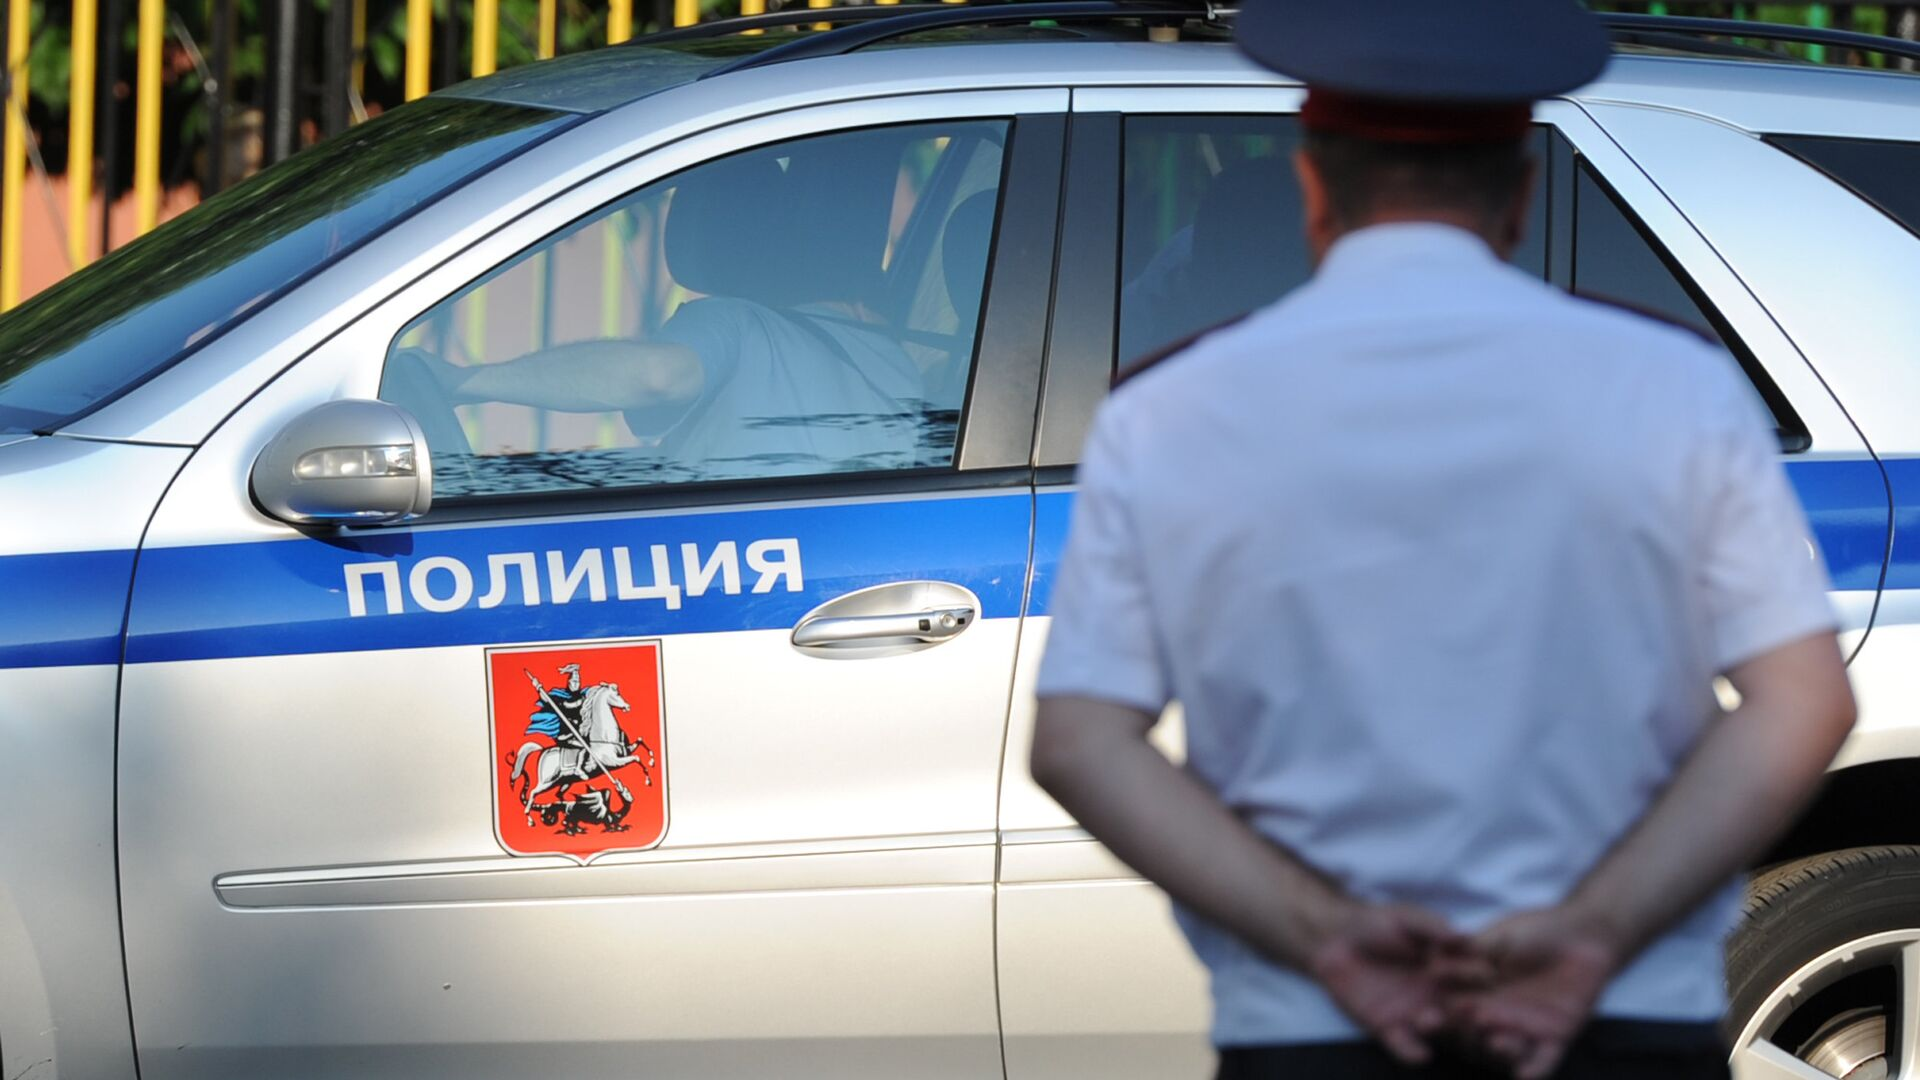 Agente della polizia russa - Sputnik Italia, 1920, 30.05.2021